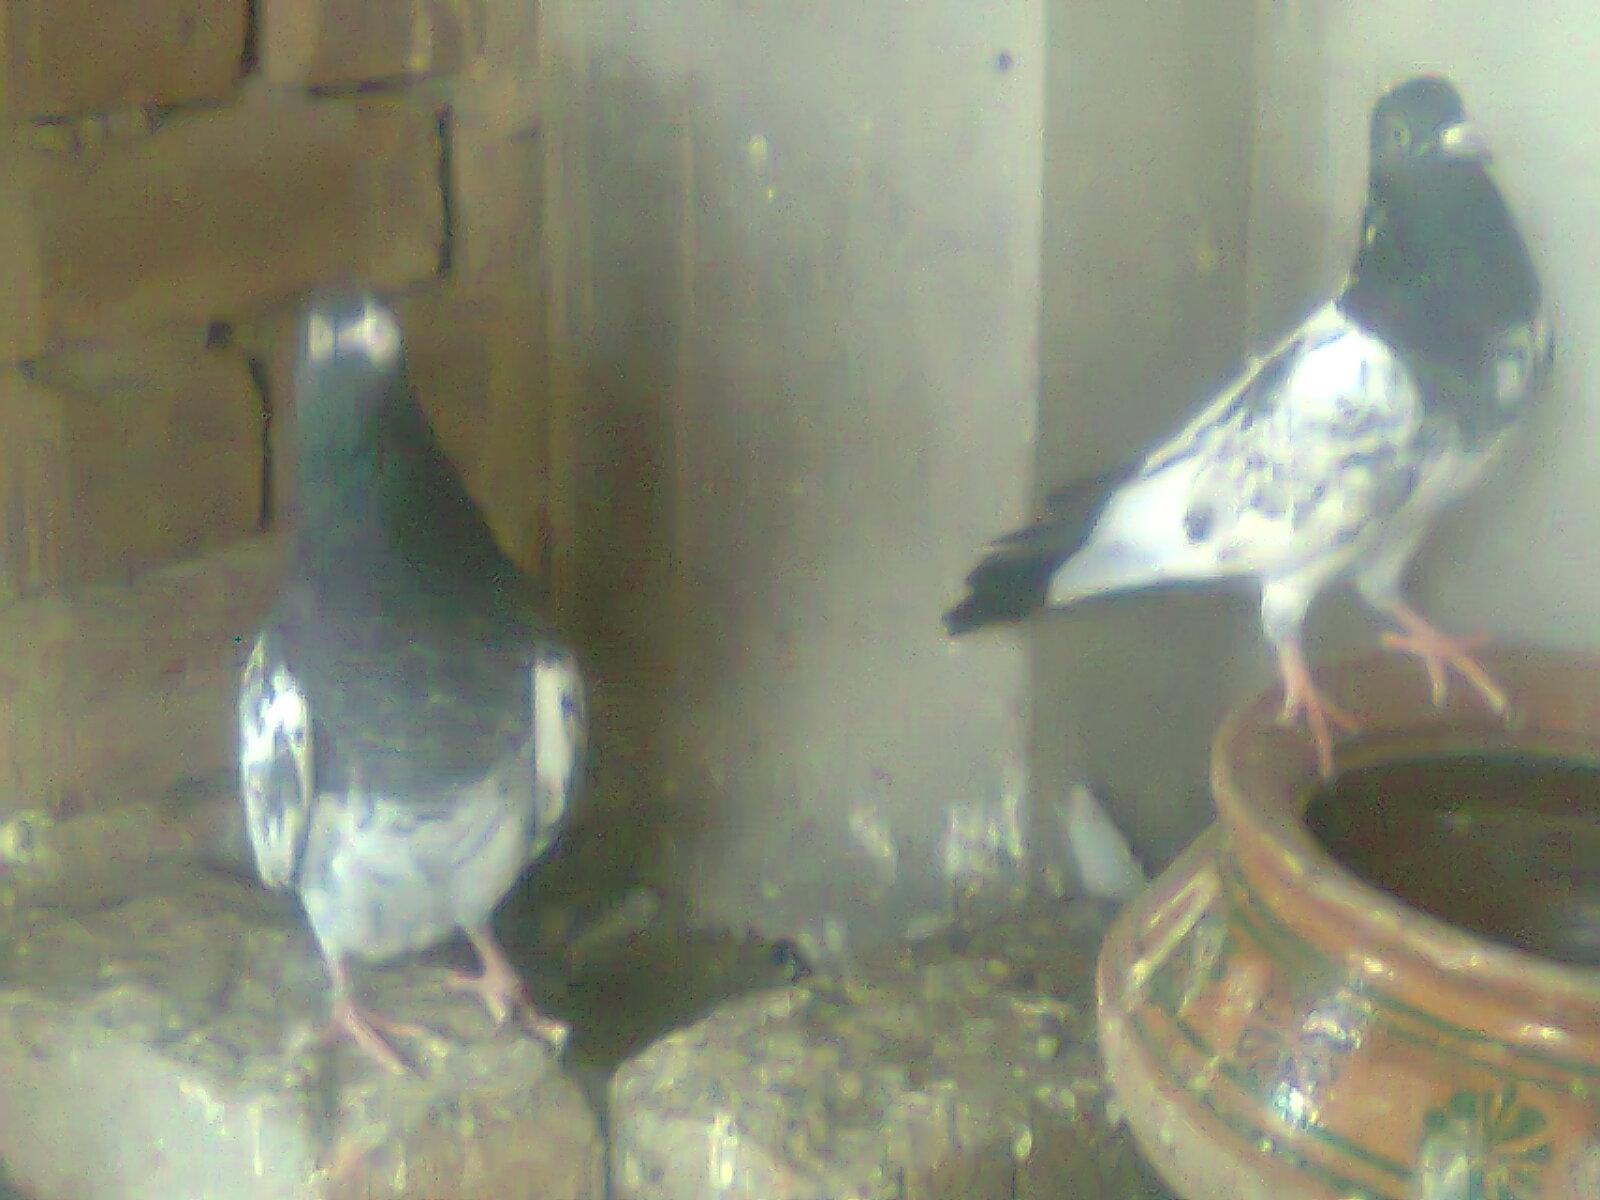 Rampuri Kabootar | White Eye pigeons-03334445044 or